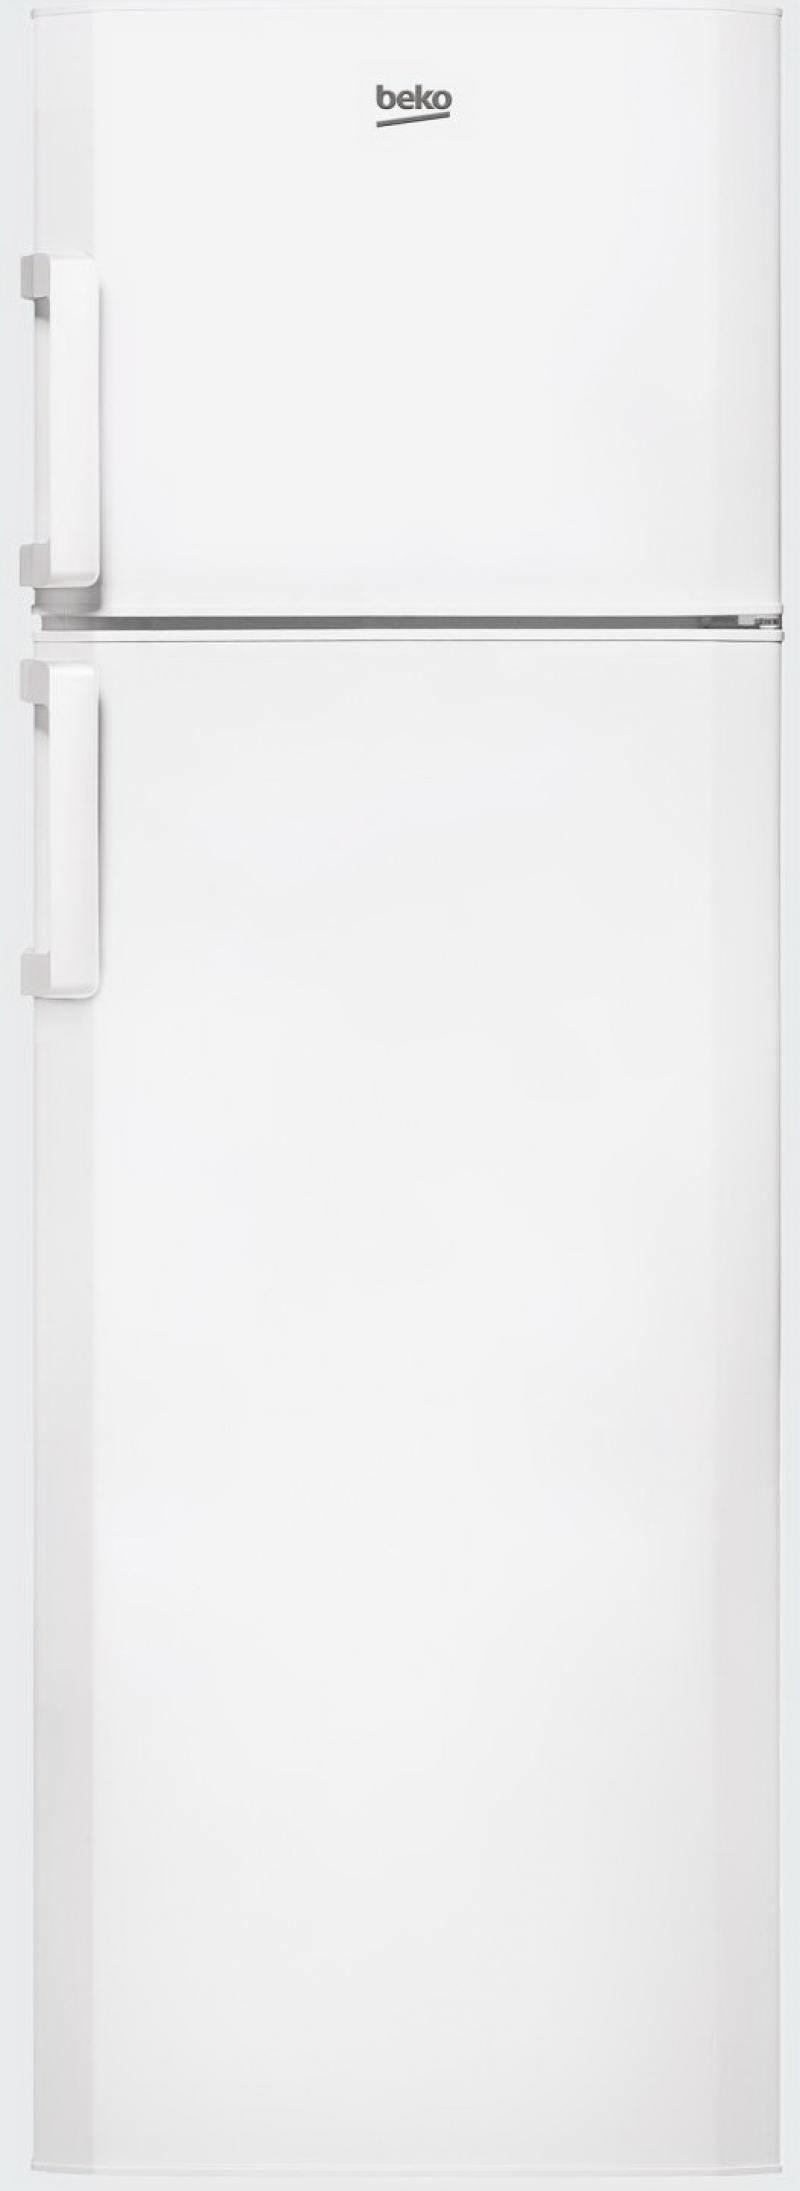 Холодильник BEKO DS 333020 холодильник beko ds 325000 s